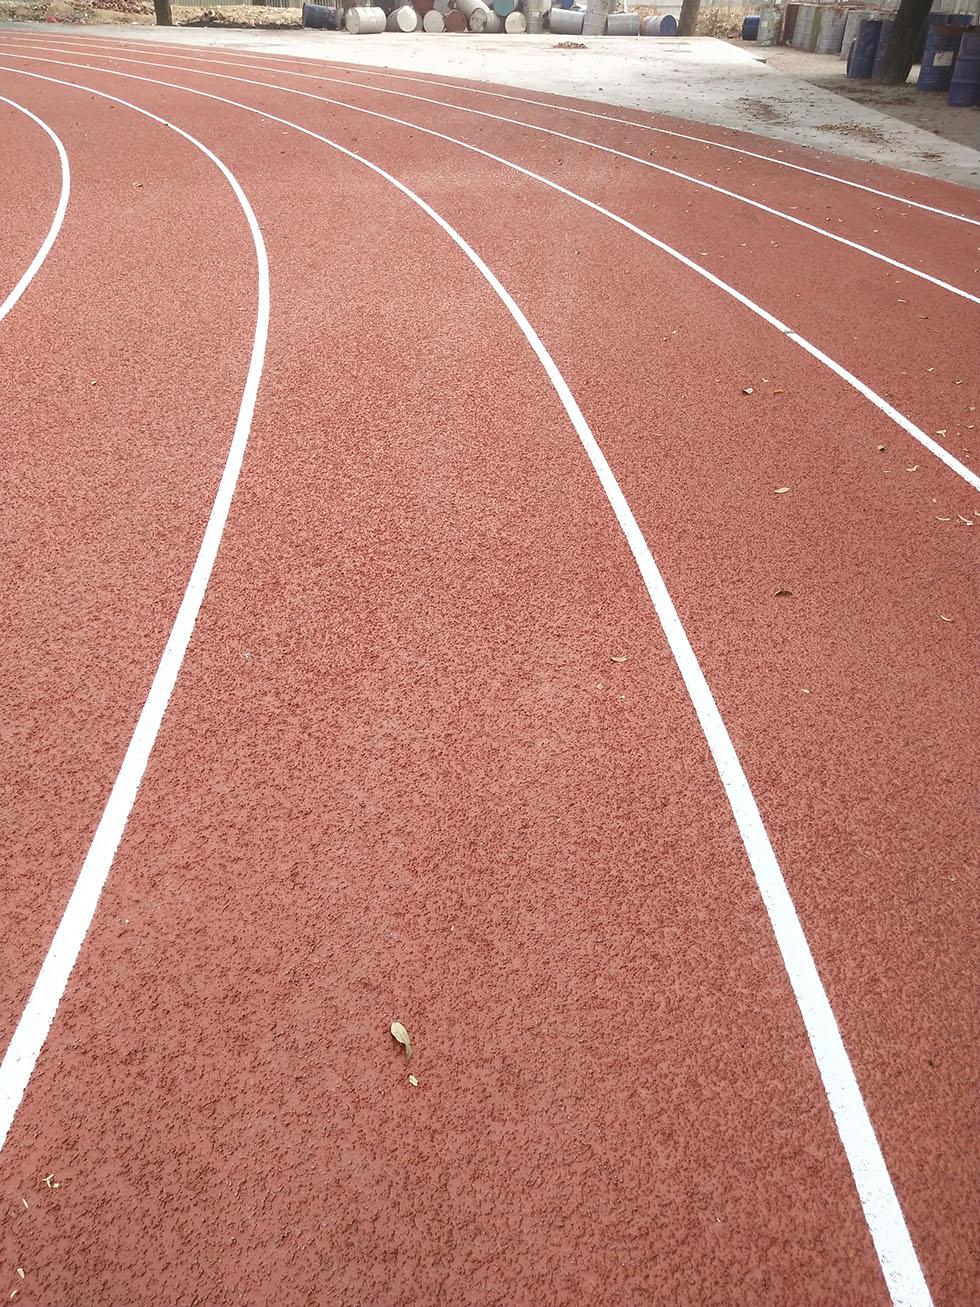 奥宏迪耐斯学校塑胶跑道保养及管理须知